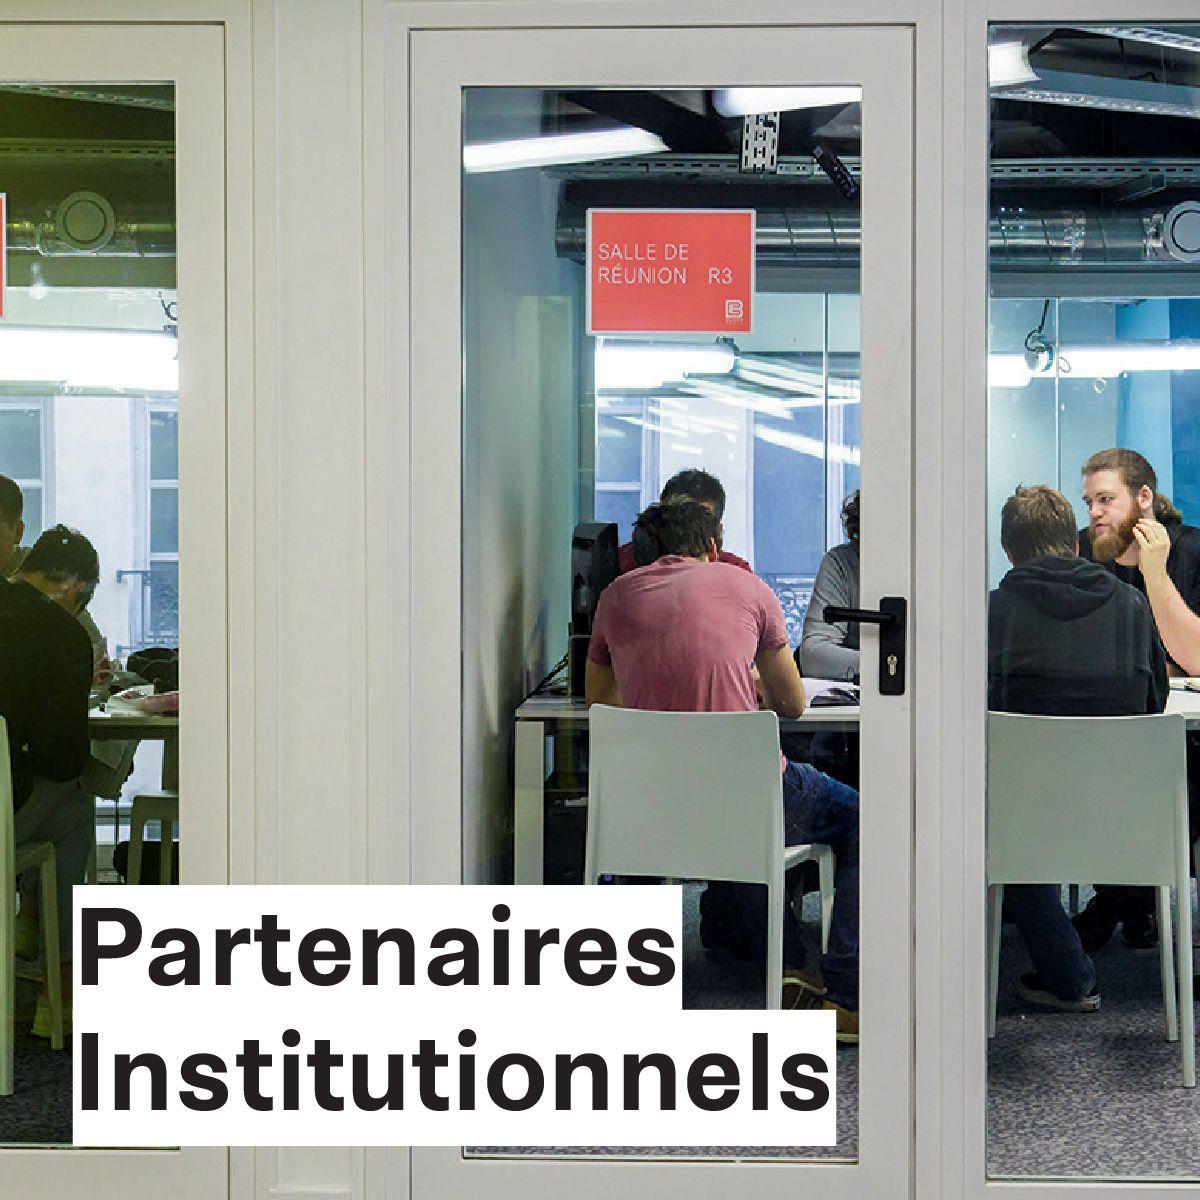 Bellecour Ecole - Partenaires Institutionnels